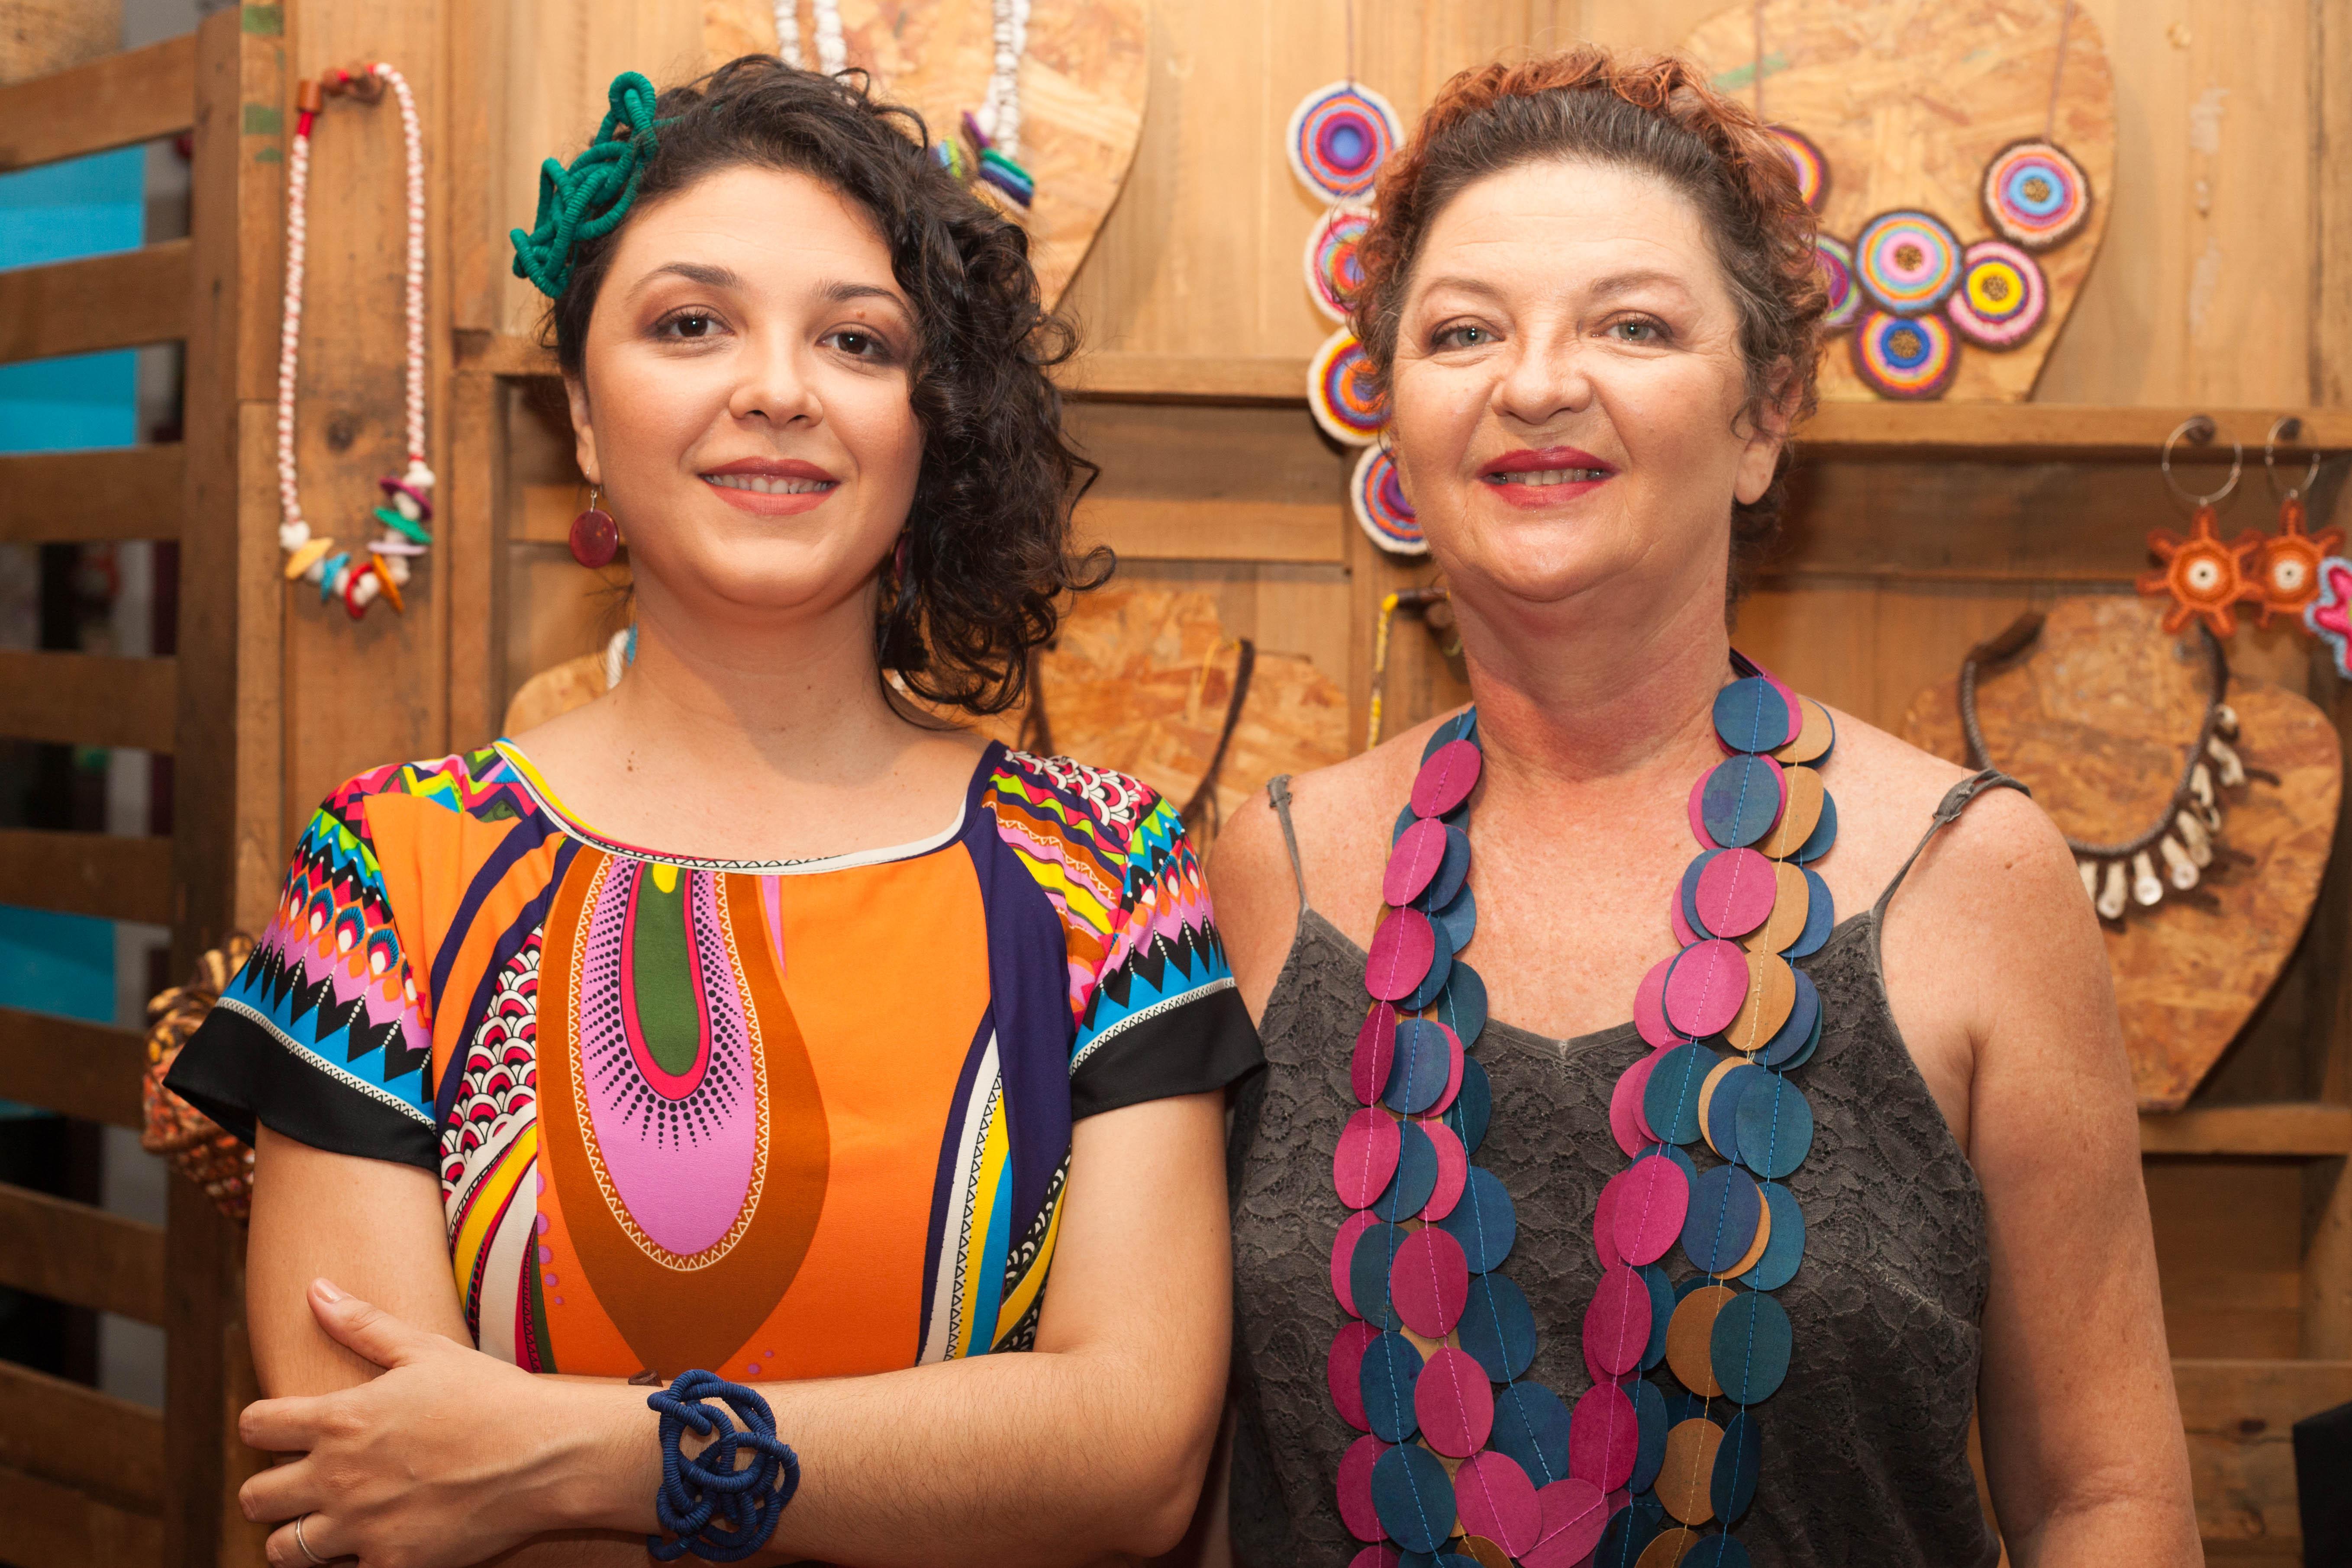 Da Tribu, acessórios sustentáveis da Amazônia